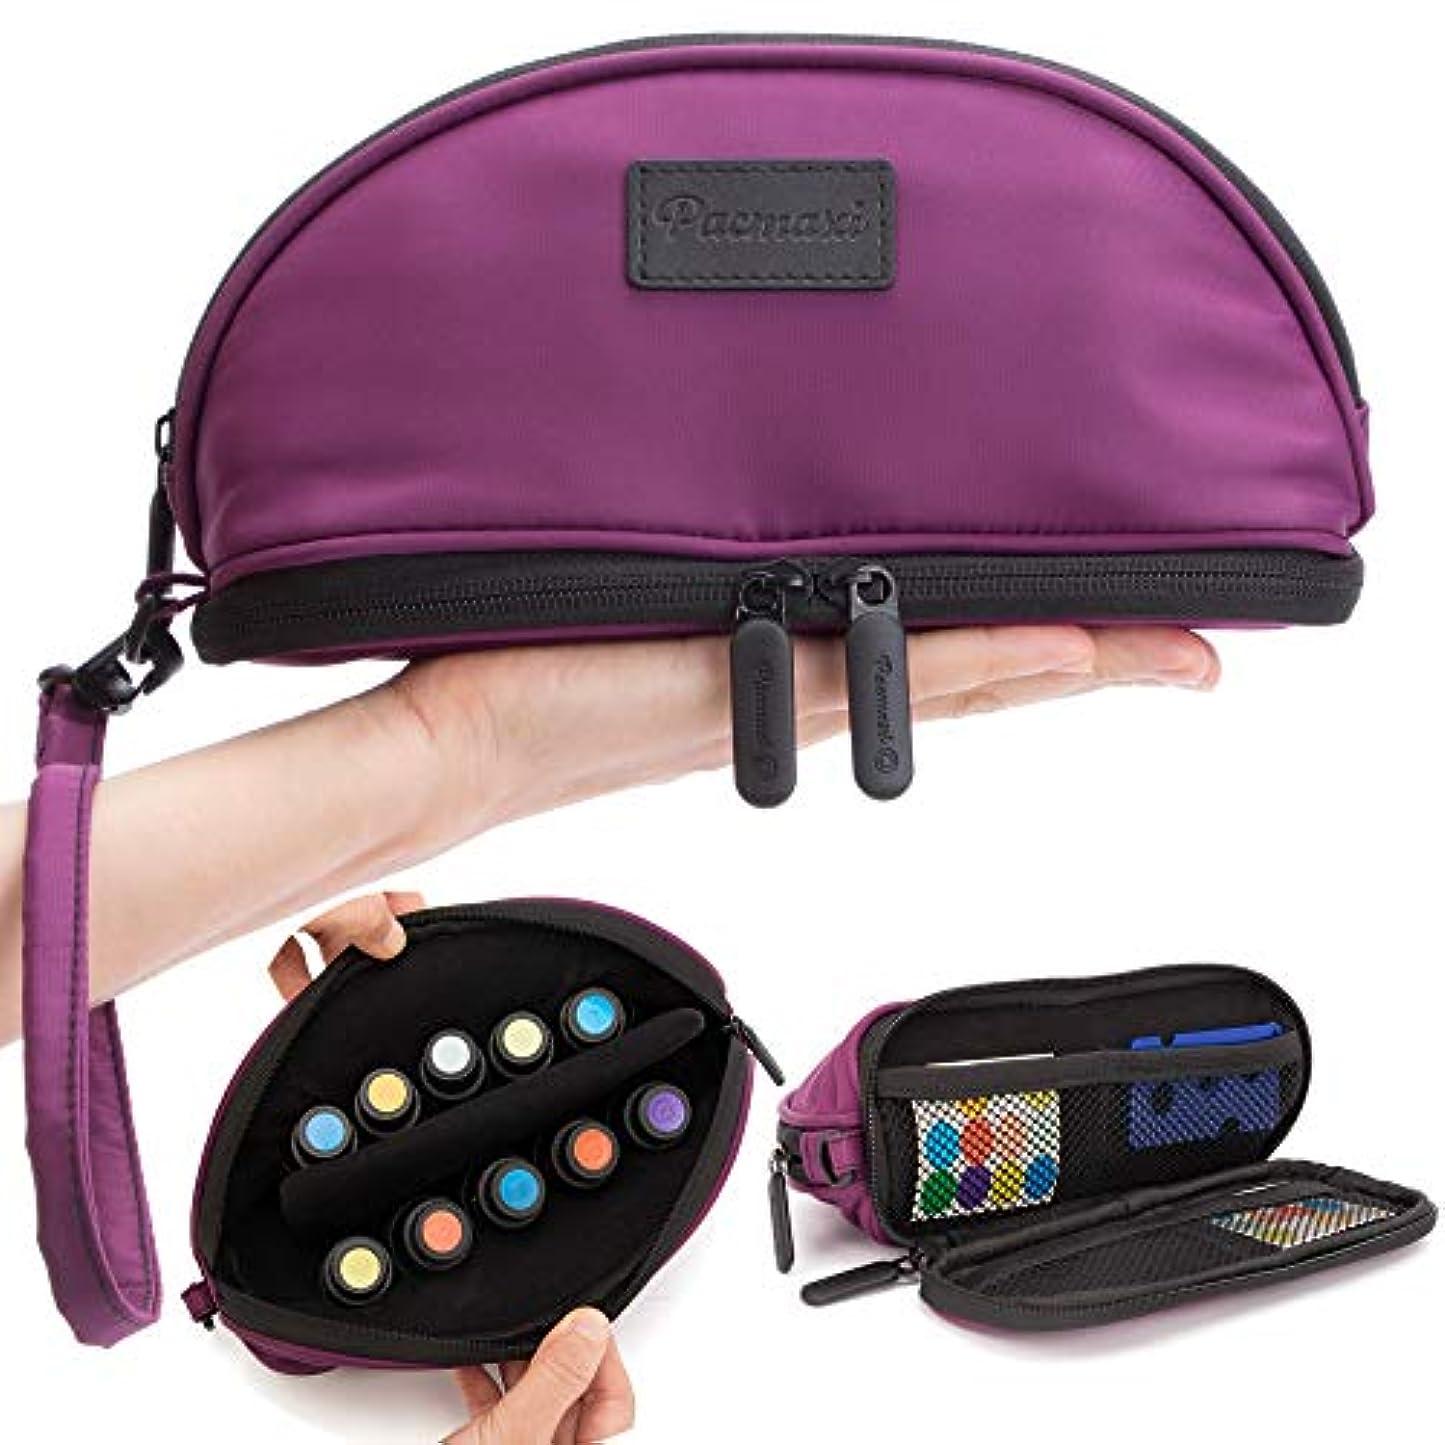 無意識補う所持[Pacmaxi]エッセンシャルオイル 収納ポーチ 携帯便利 旅行 10本収納(5ml - 15ml) ナイロン製 撥水加工 ストラップあり (パープル)